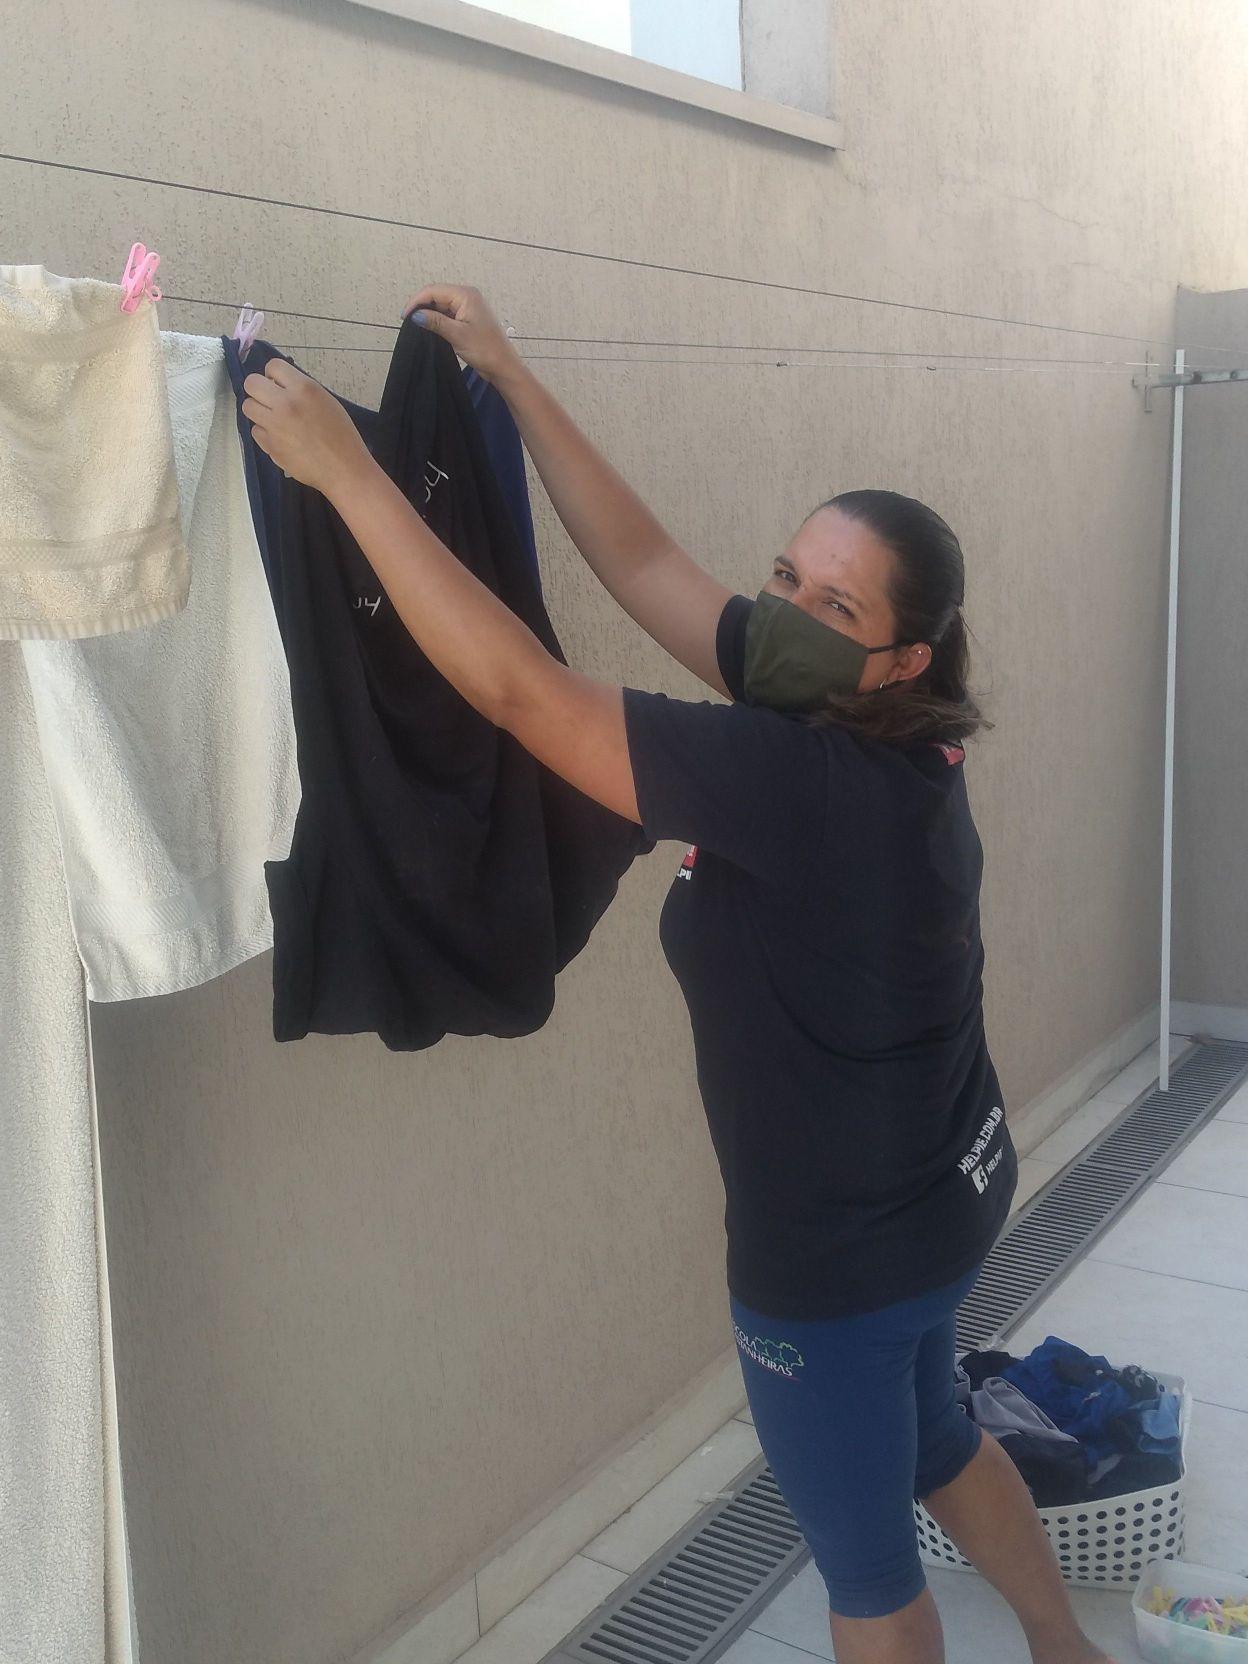 ponhando roupa pra secar